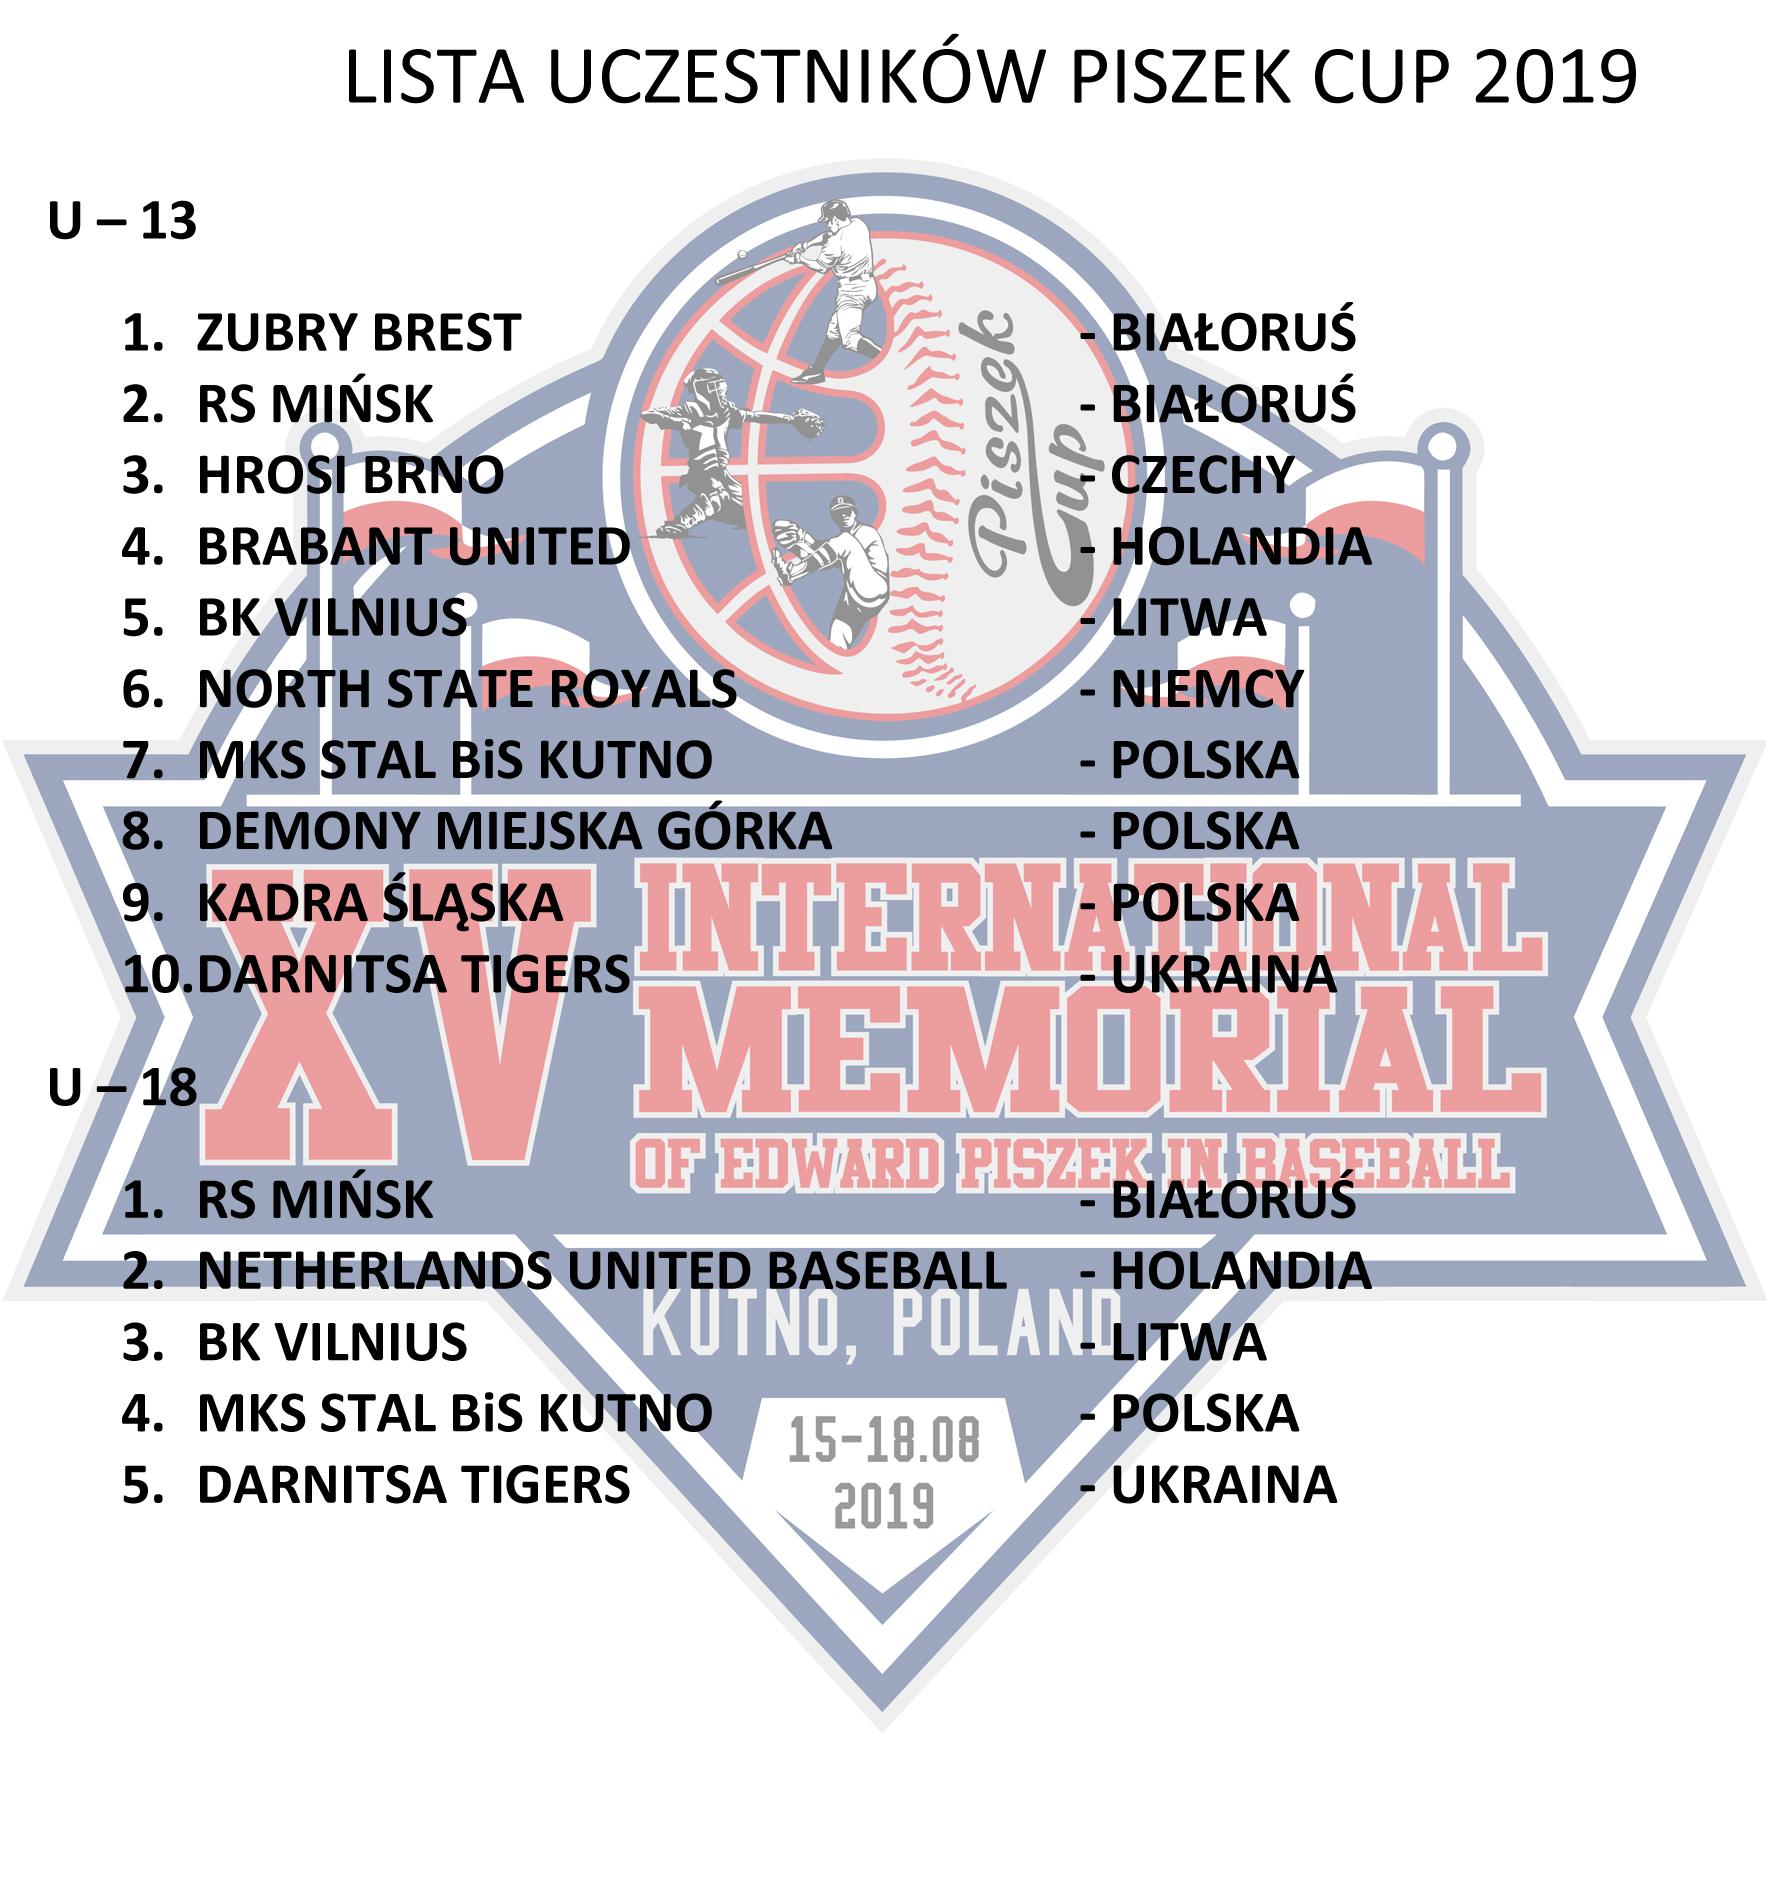 LISTA UCZESTNIKÓW PISZEK CUP 2019